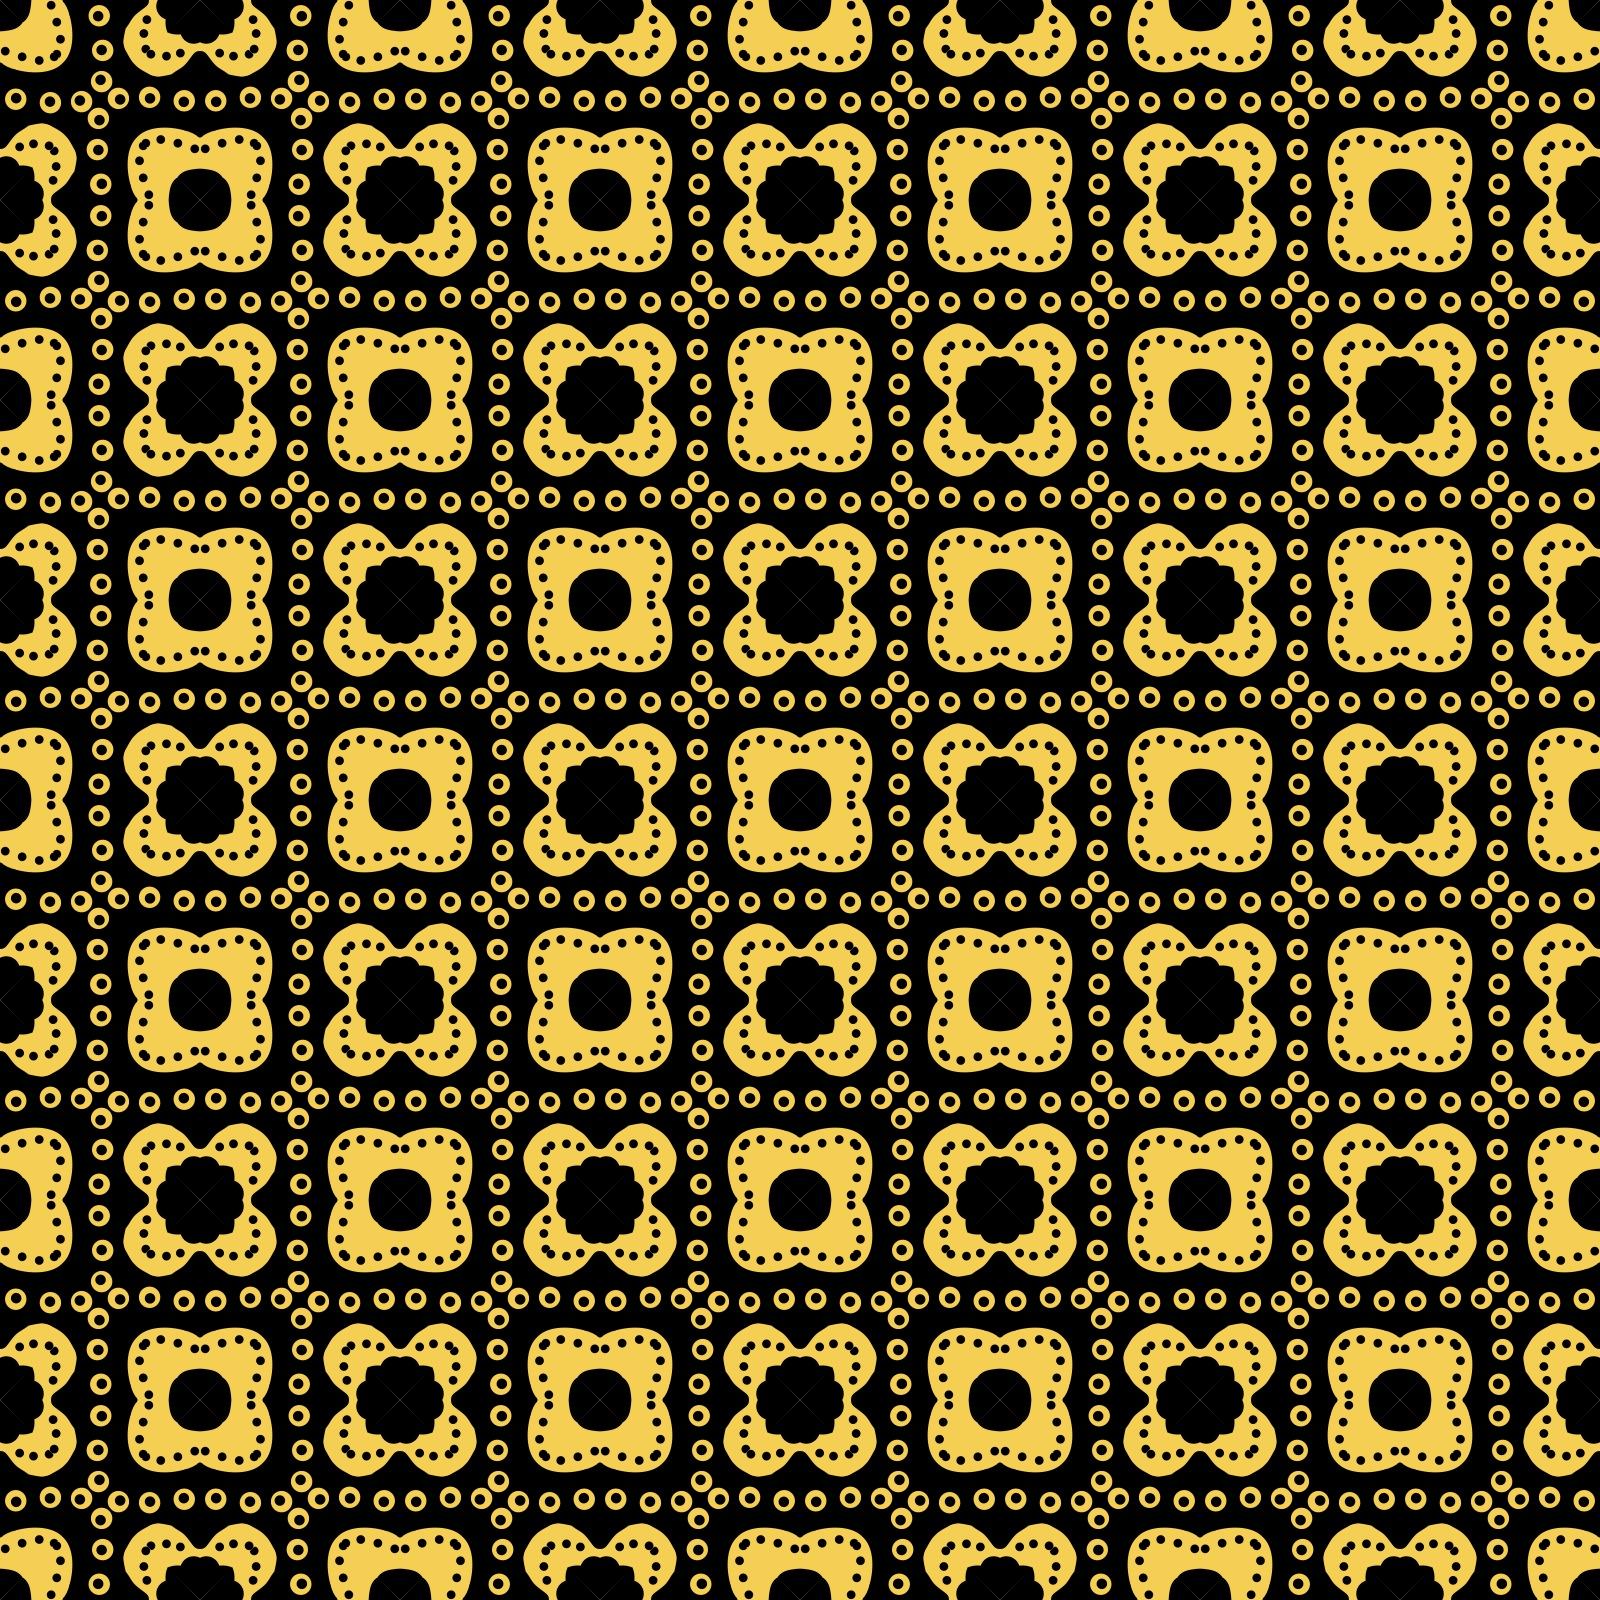 048_tiled